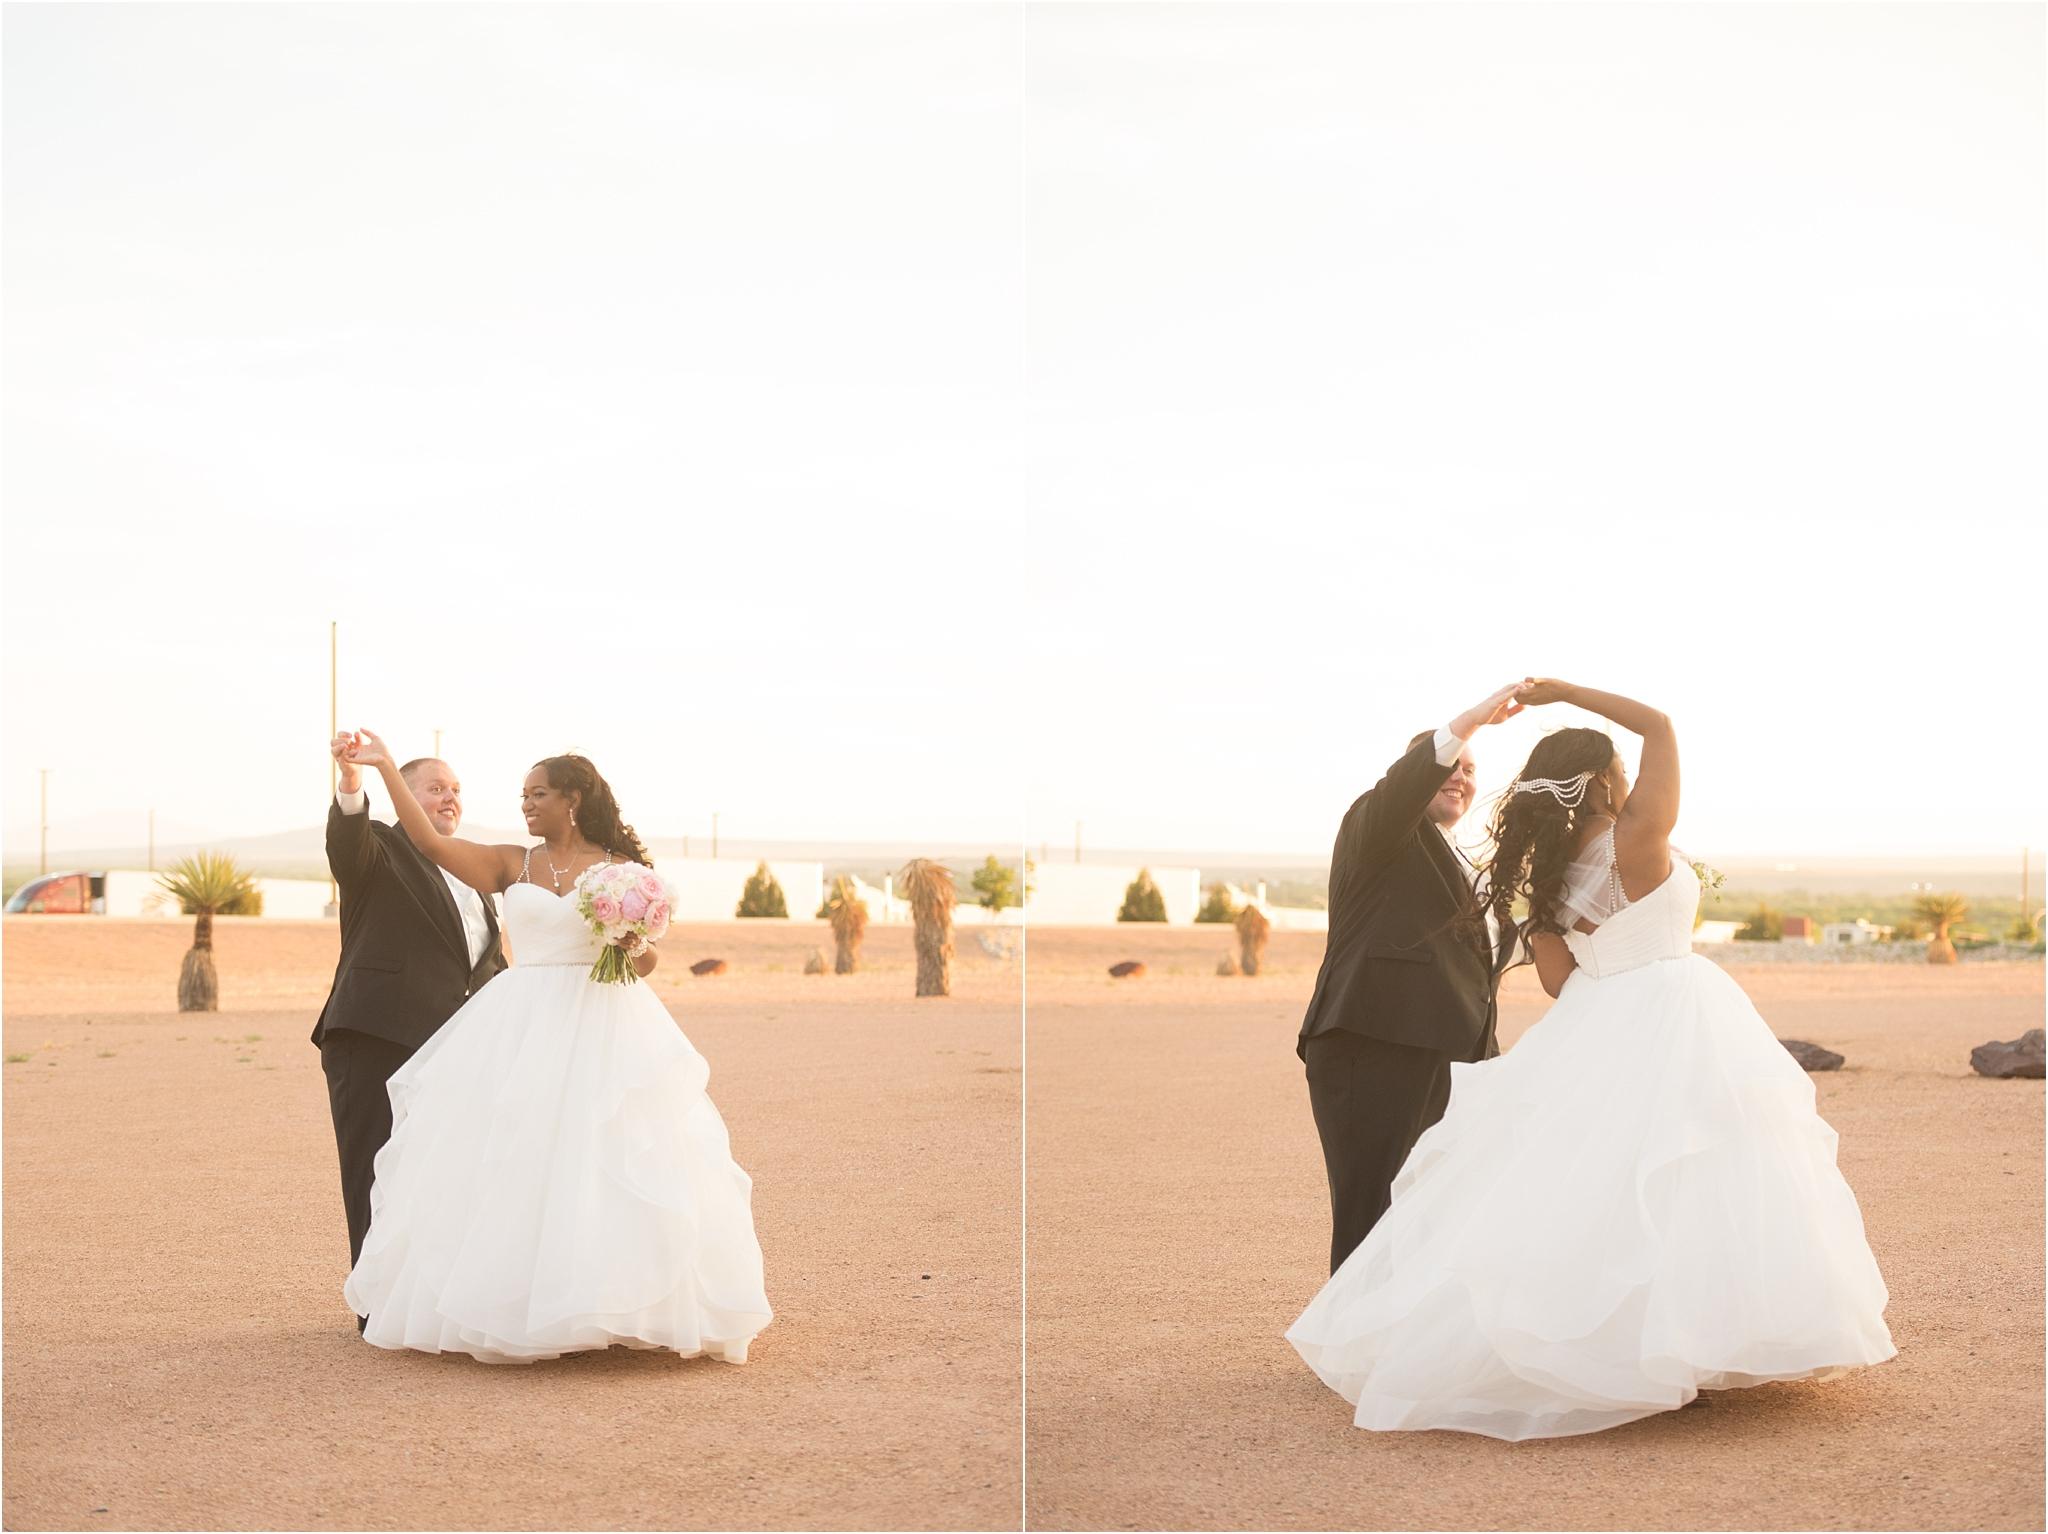 kayla kitts photography - albuquerque wedding photographer - isleta wedding_0029.jpg